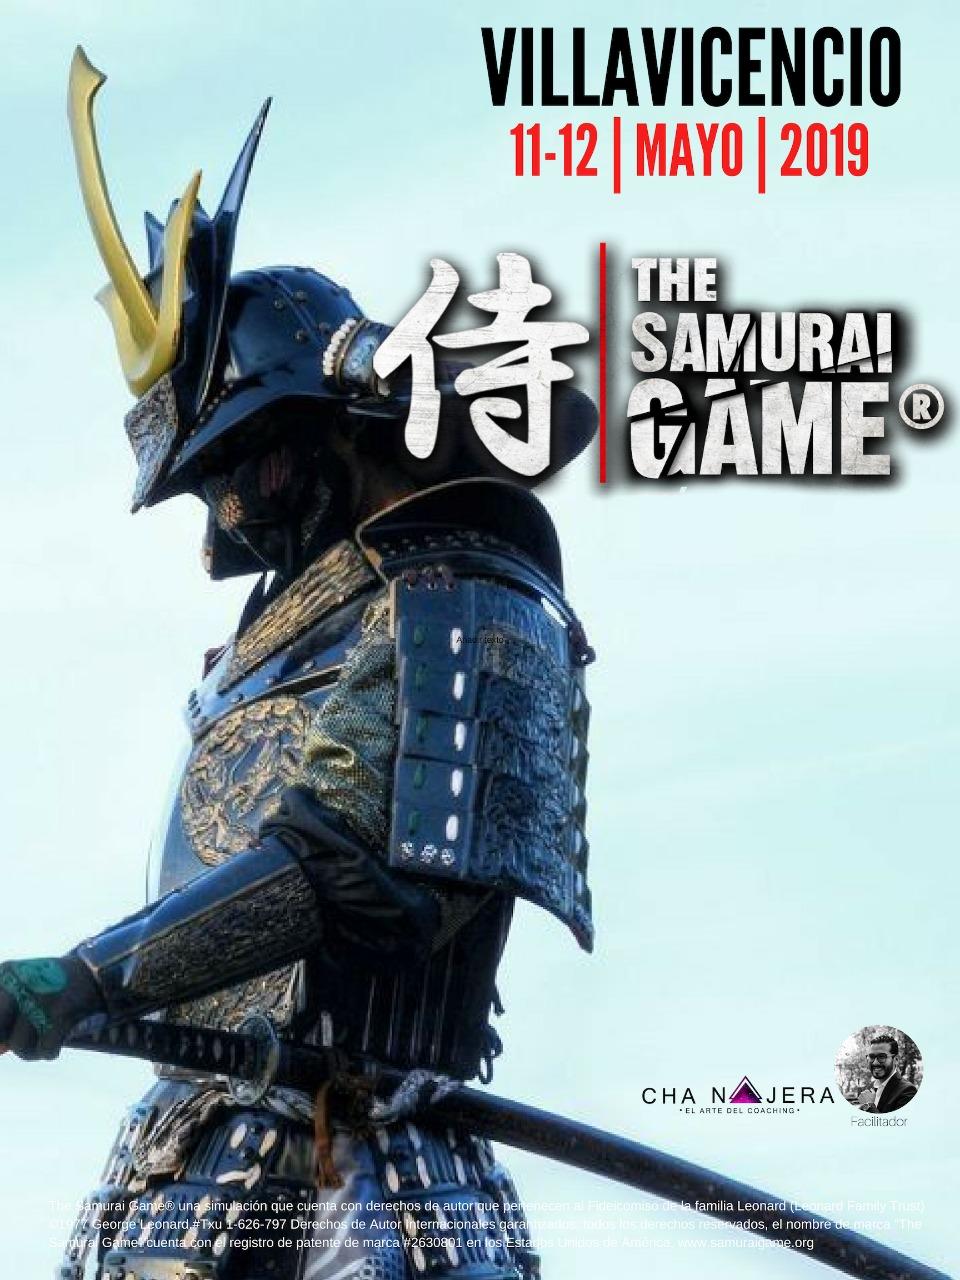 The Samurai Game ® - Villavicencio, Colombia